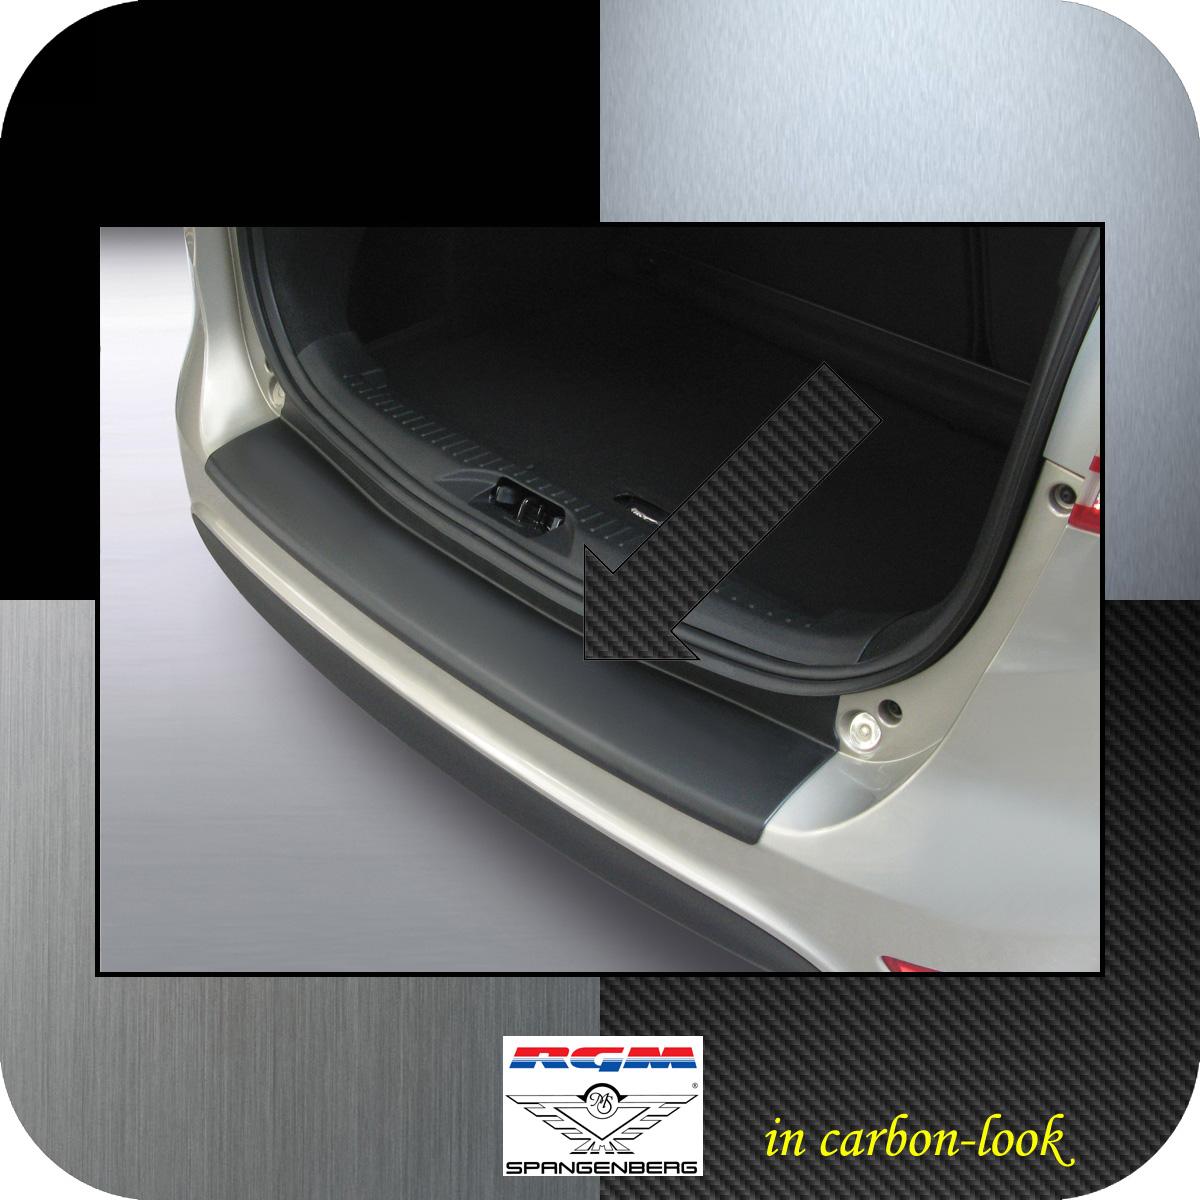 Ladekantenschutz Carbon-Look Ford B-MAX Van Kombi Baujahre 2012-2017 3509584